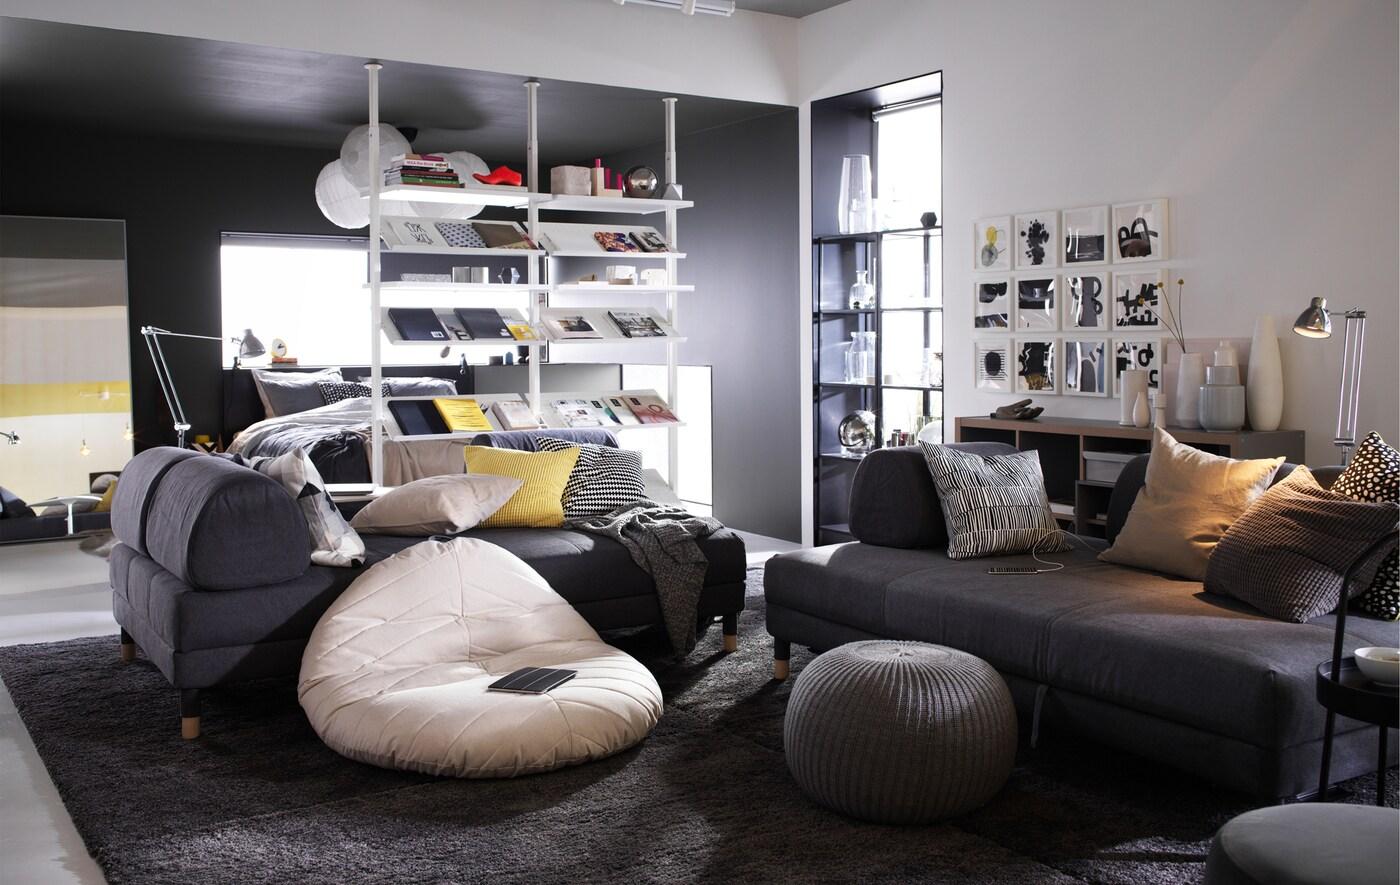 Mukava ja pehmeä rahi on myös hyvä lisäistuin vieraille, esimerkiksi luonnonvärinen IKEA DIHULT -rahi.